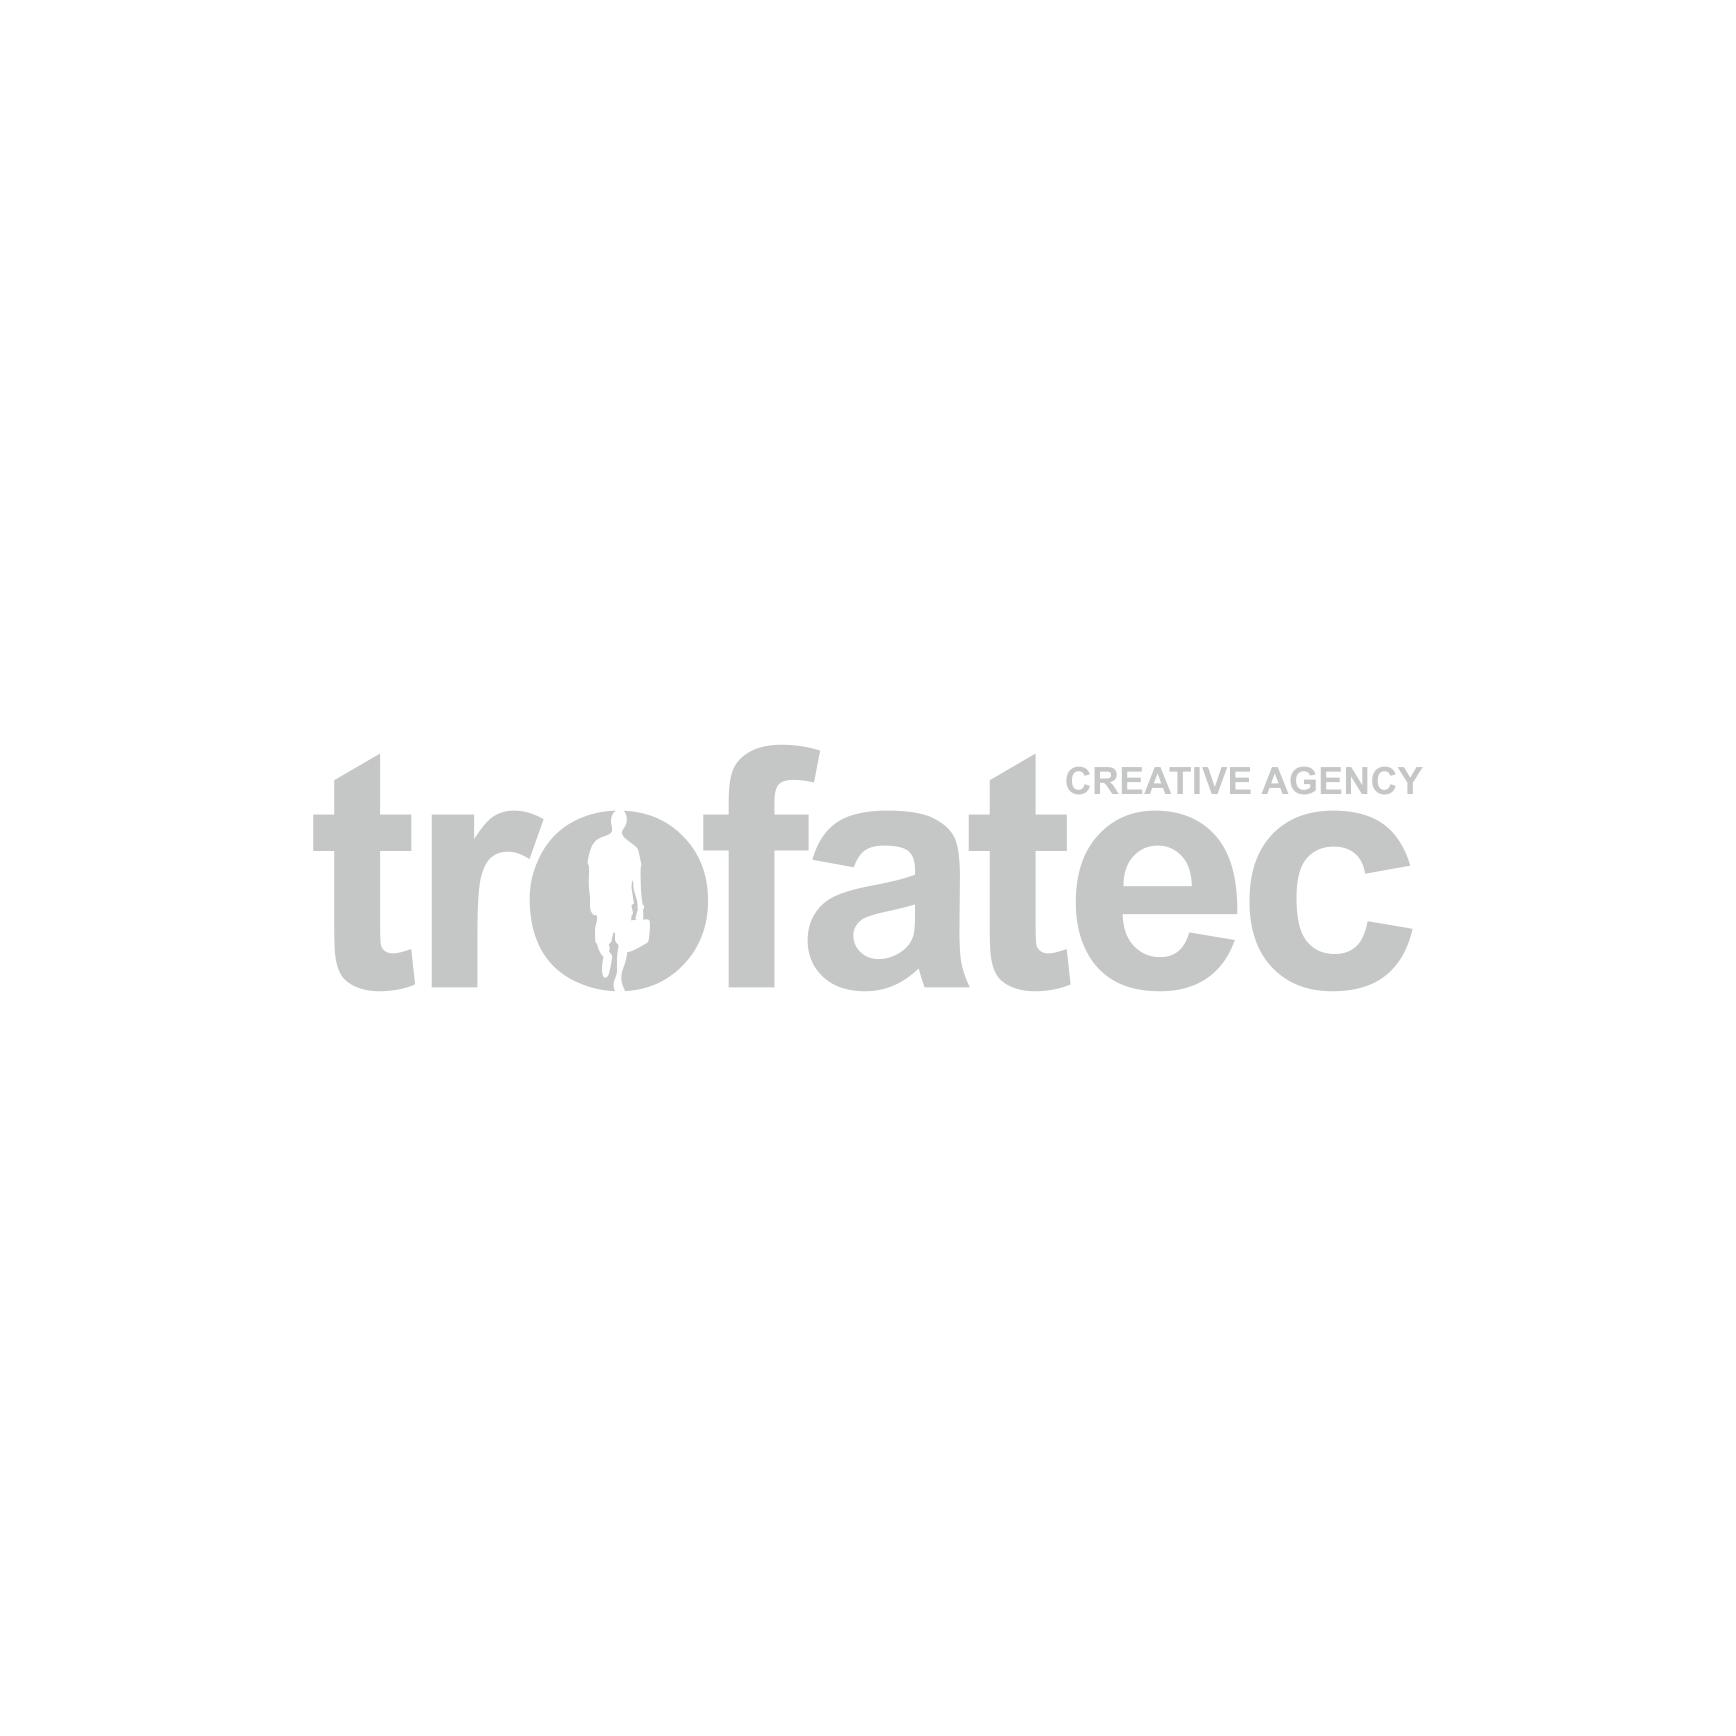 trofatec